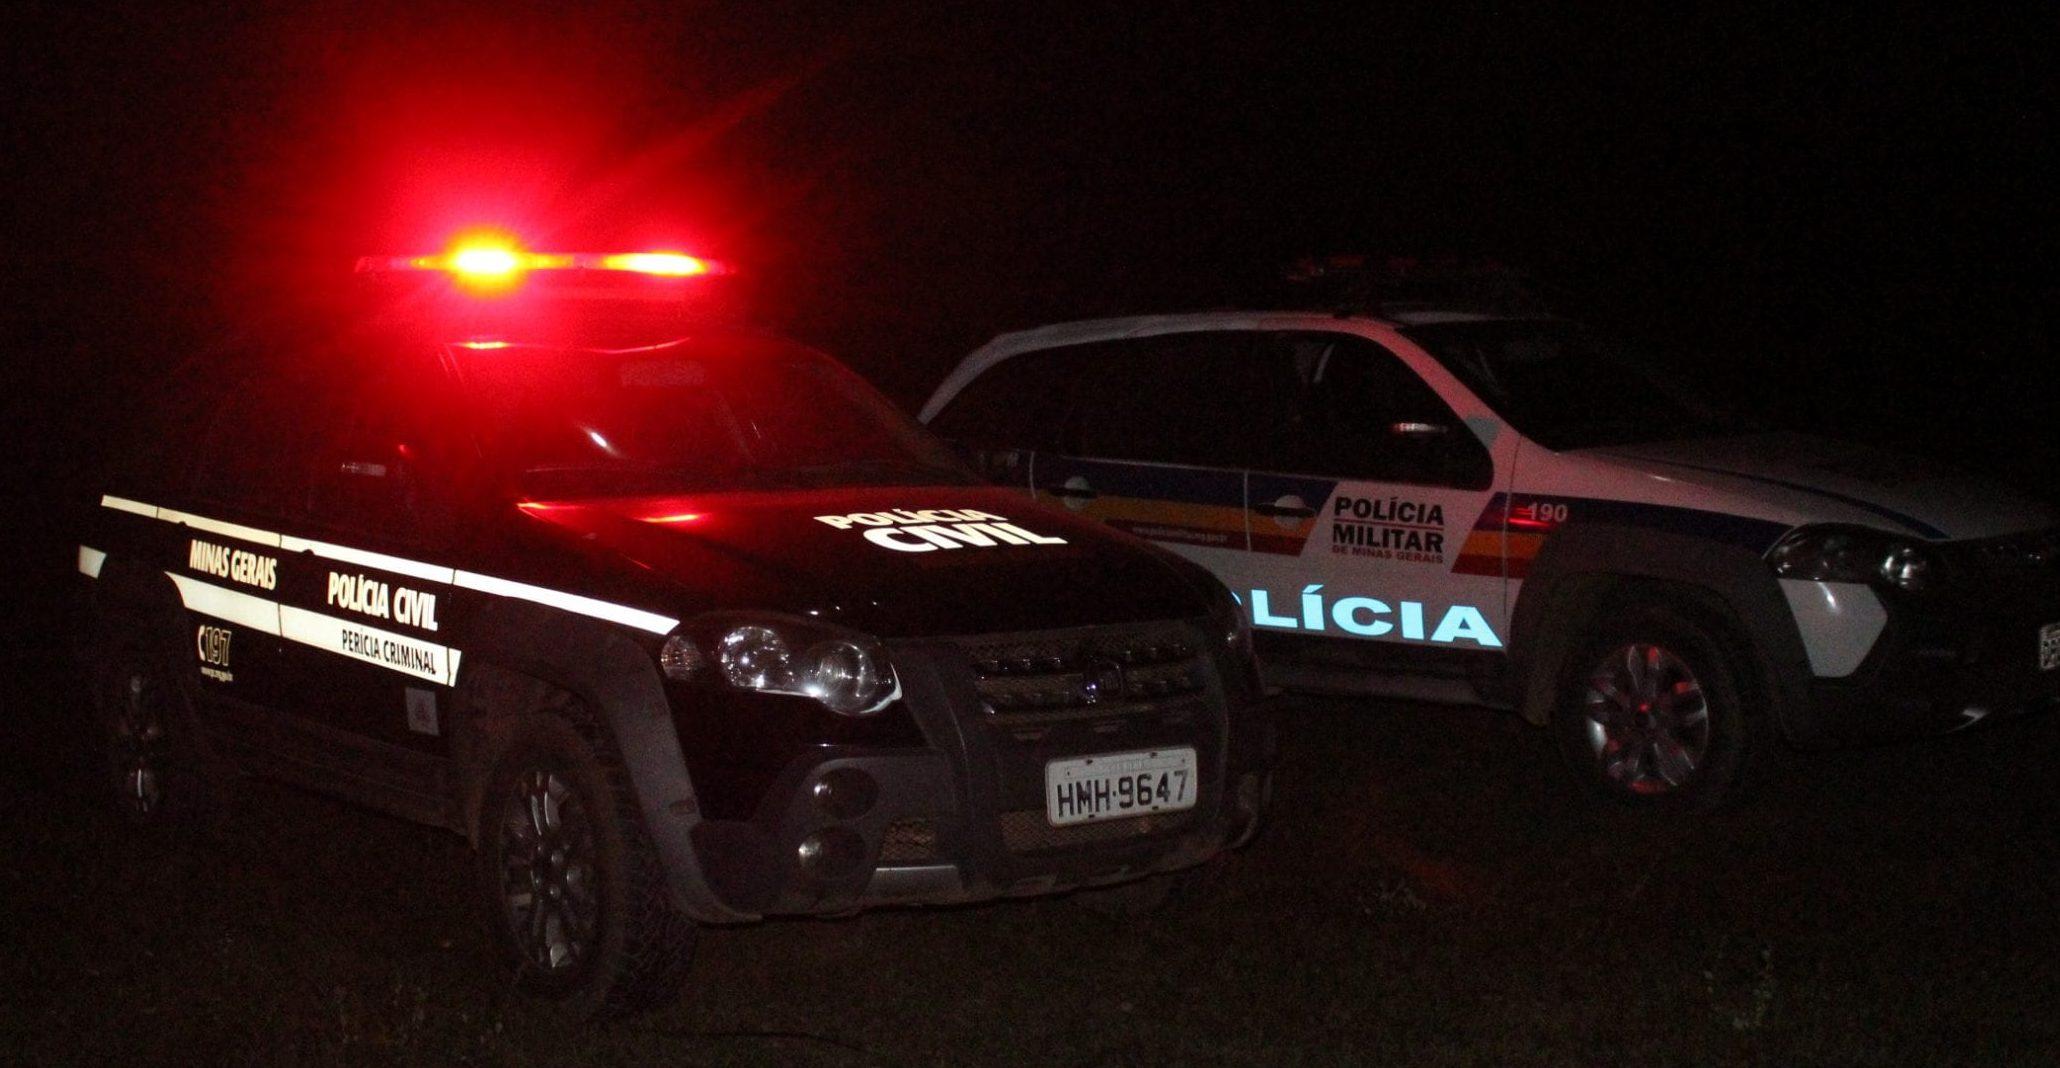 Homem morre e duas pessoas ficam feridas em briga de família em Nova Era